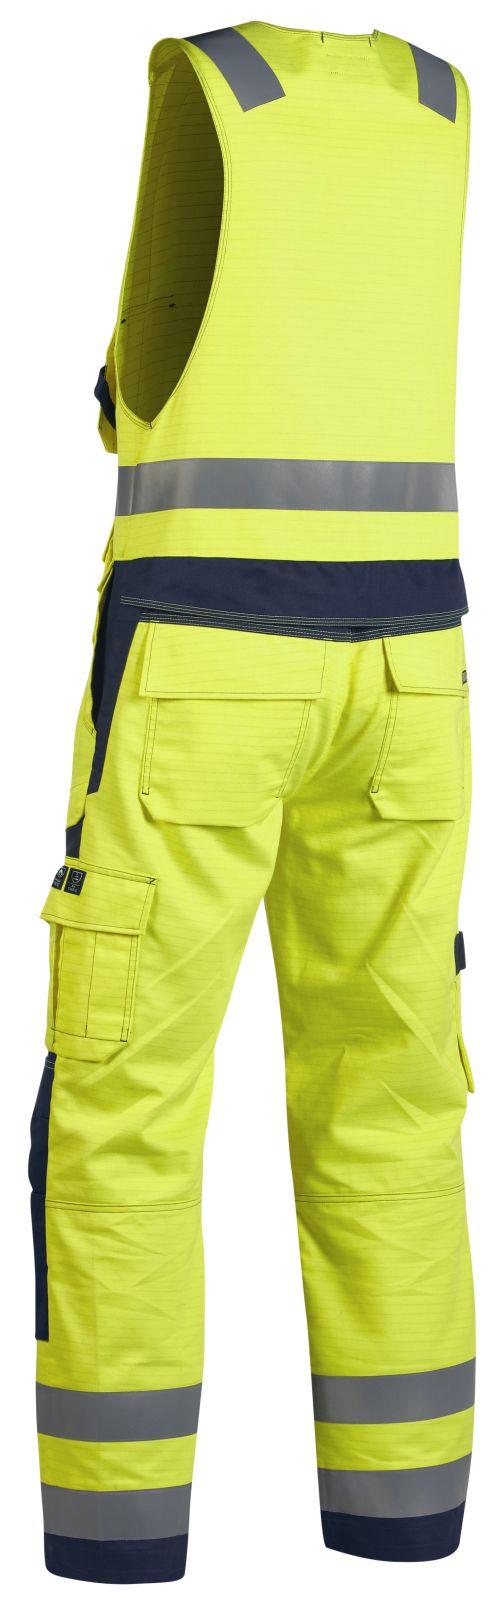 Blaklader Bodybroeken 26781506 Multinorm geel-marineblauw(3389)